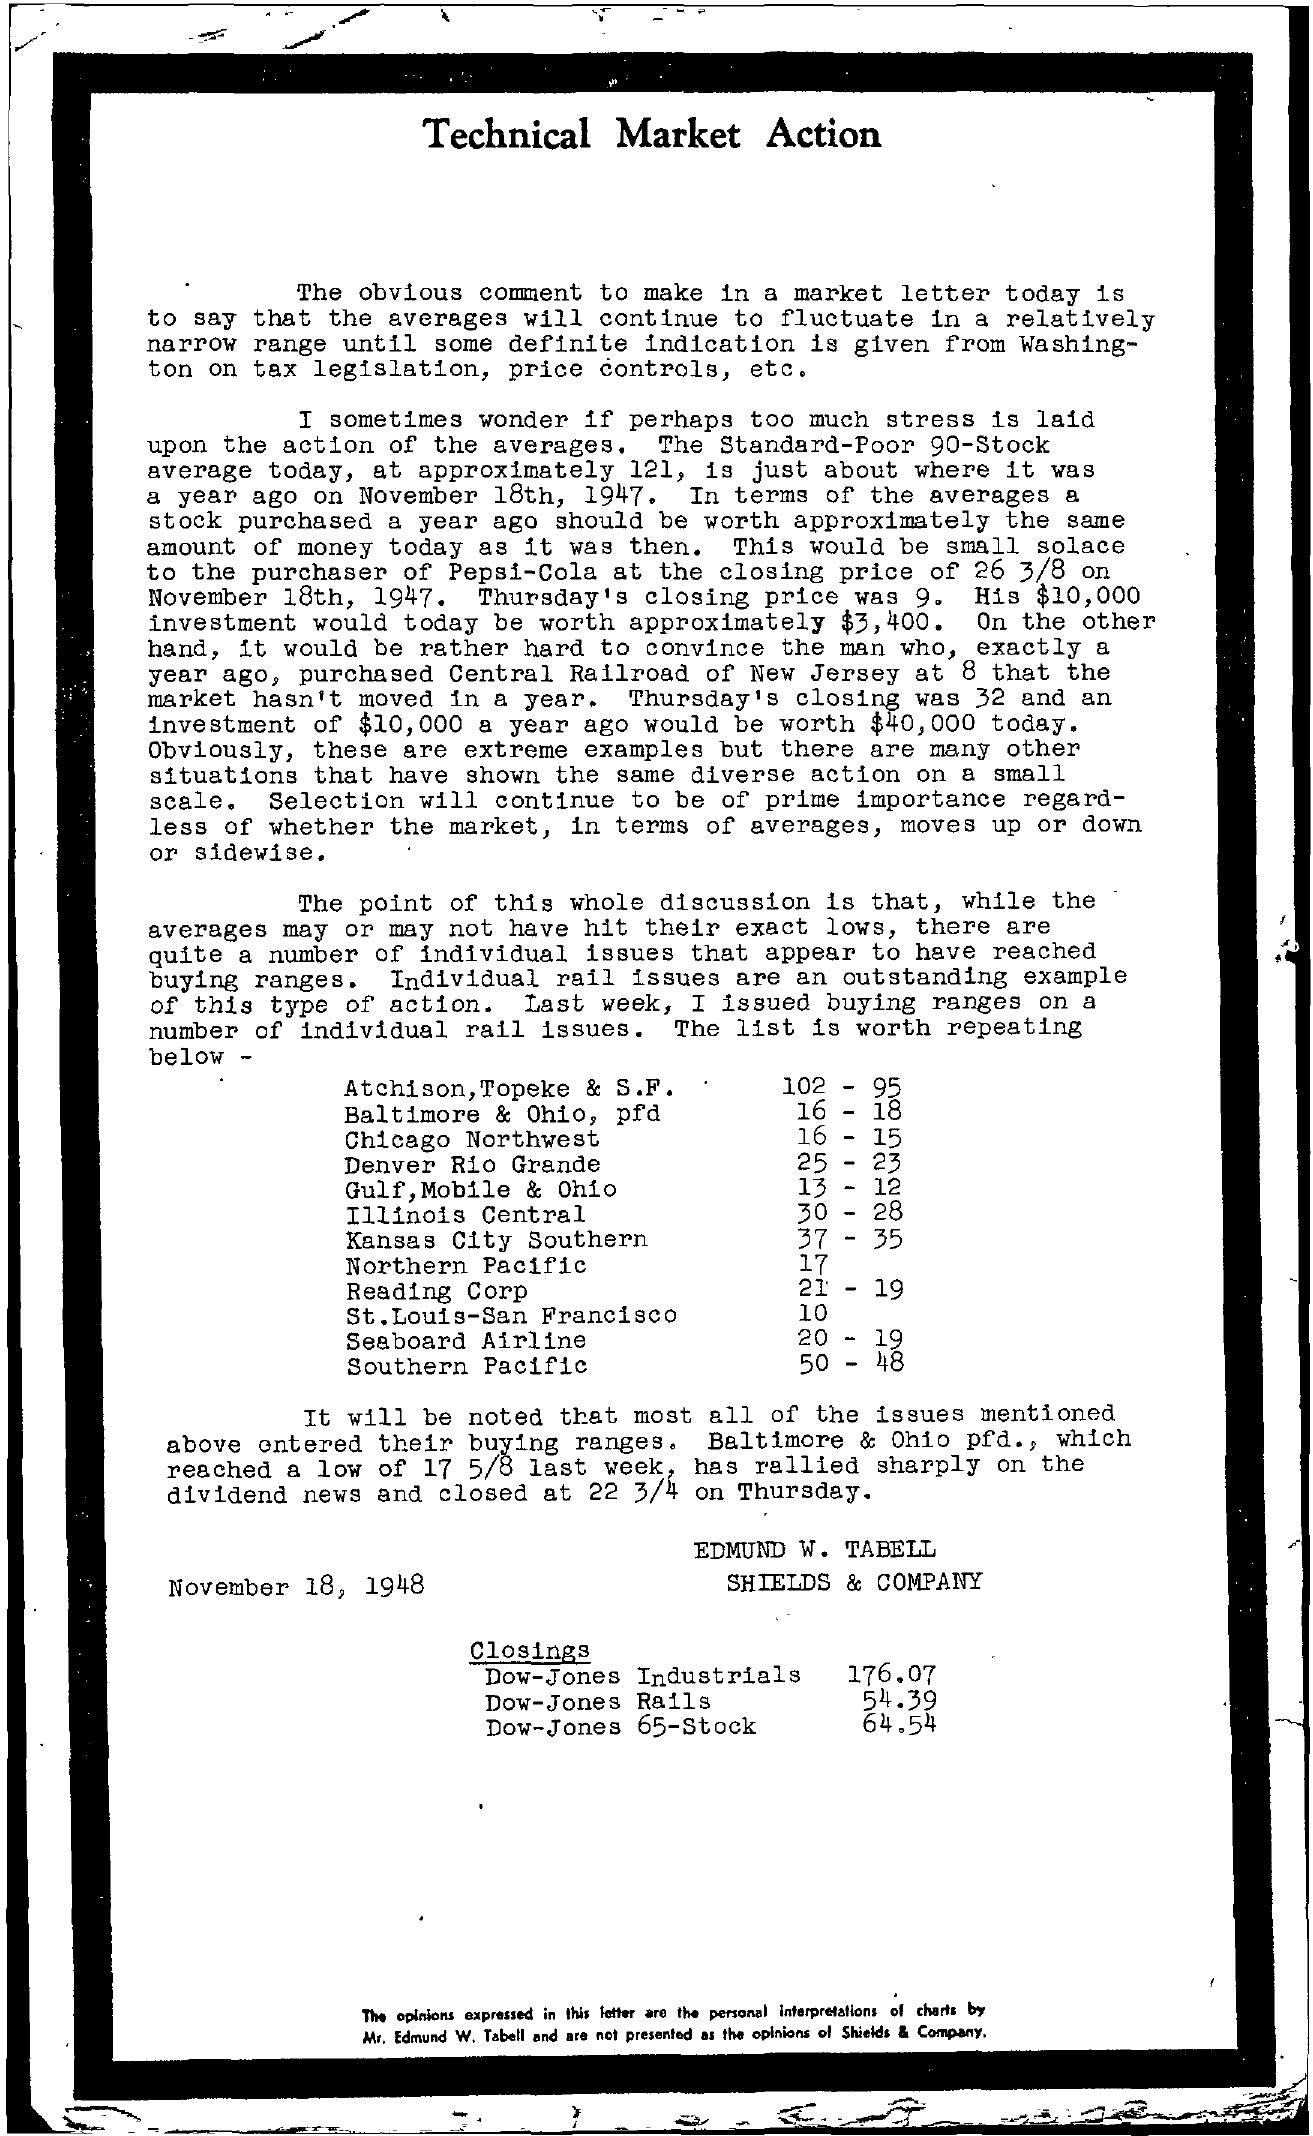 Tabell's Market Letter - November 18, 1948